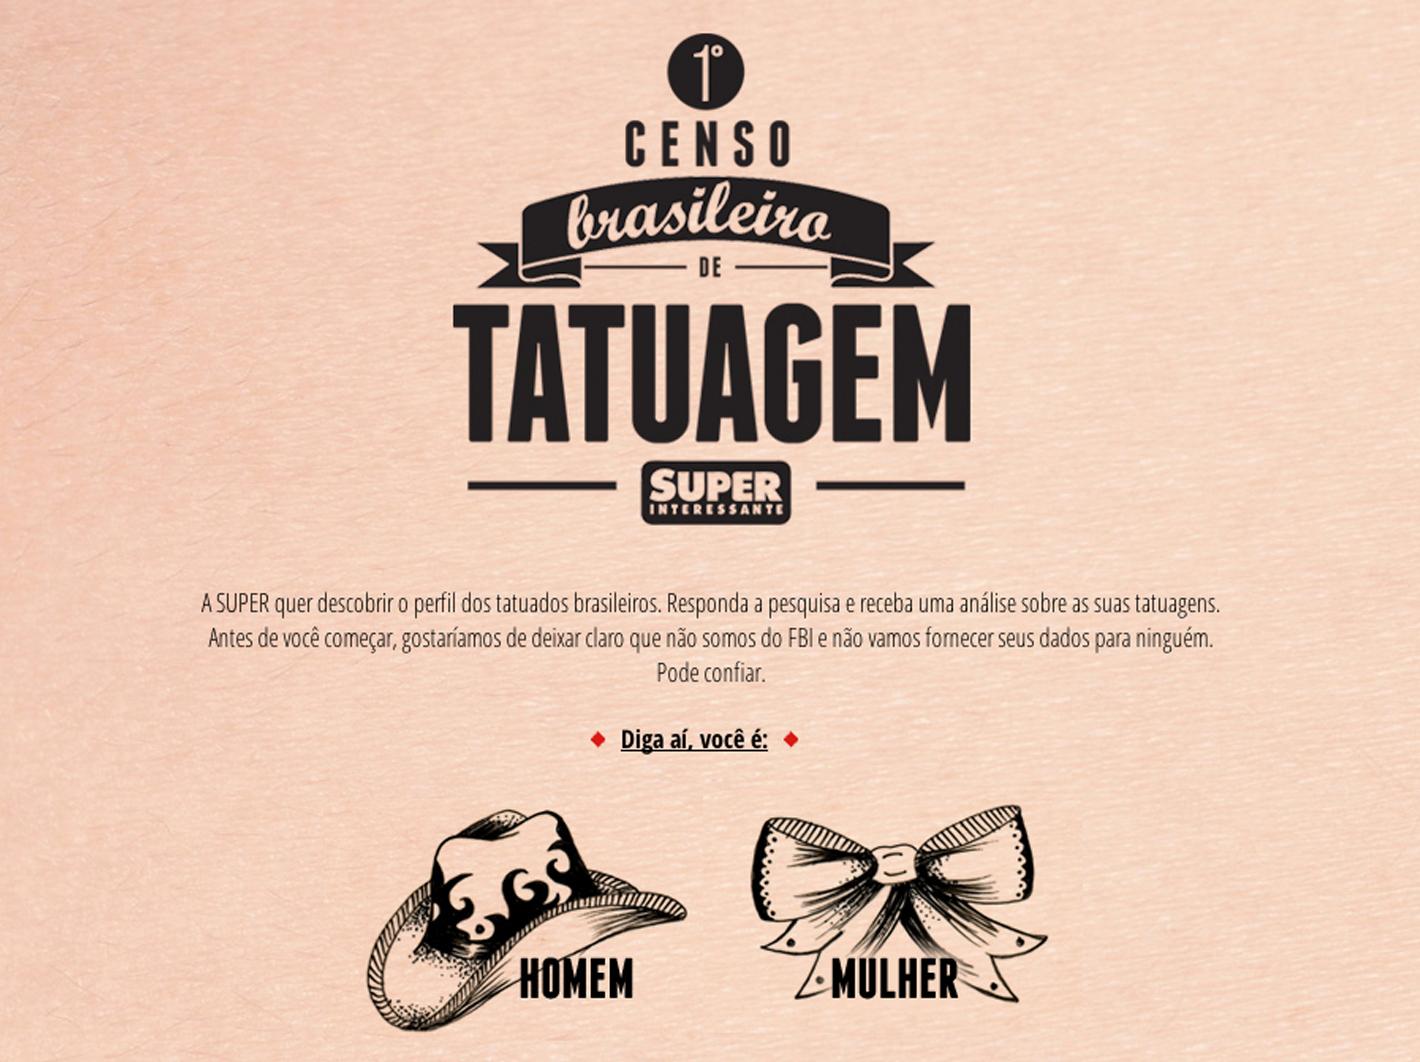 Primeiro Censo de Tatuagem do Brasil - Revista Superinteressante